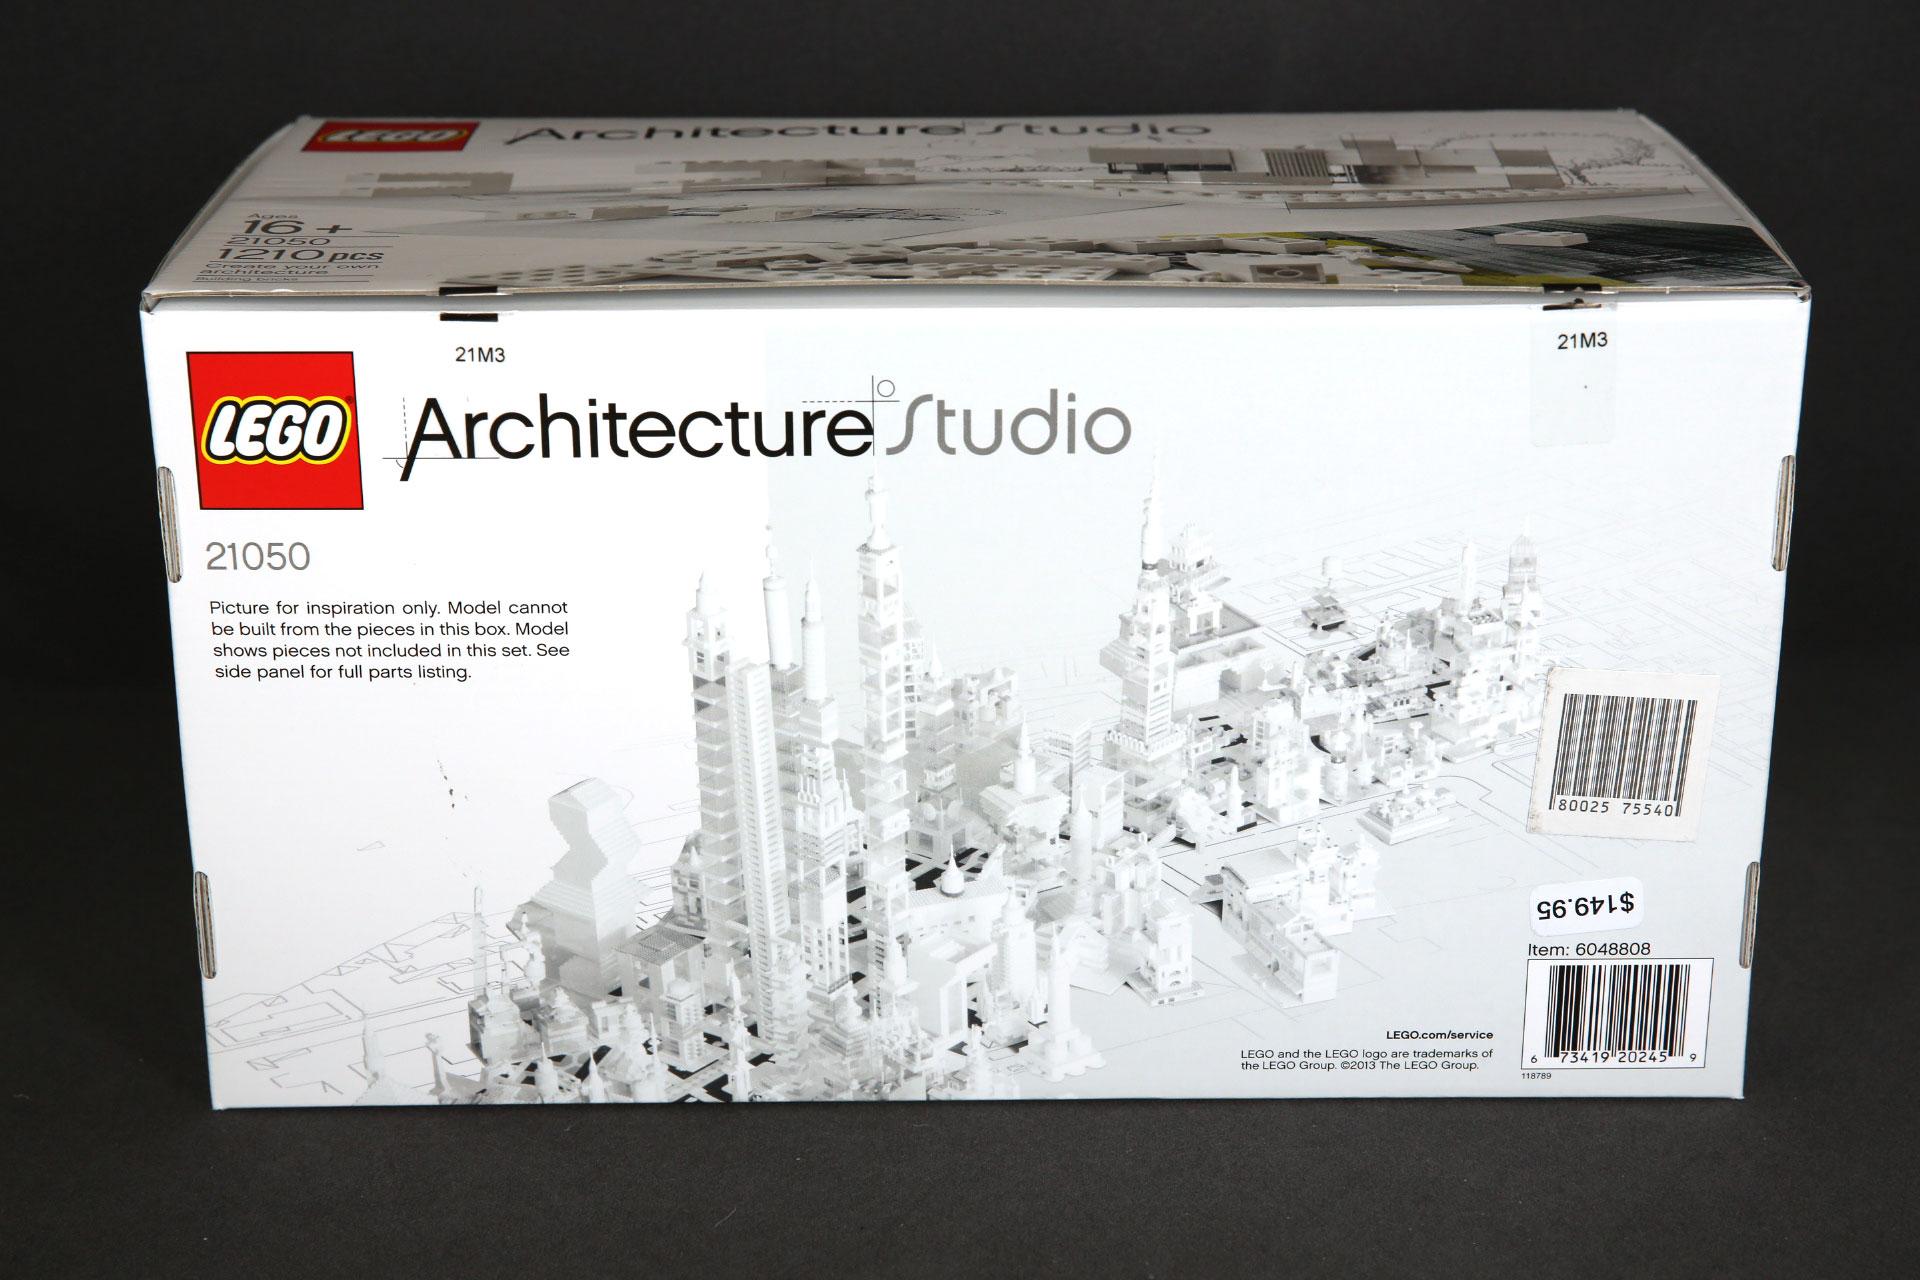 Architecture Studio Lego lego architecture review: 21050 architecture studio | from bricks